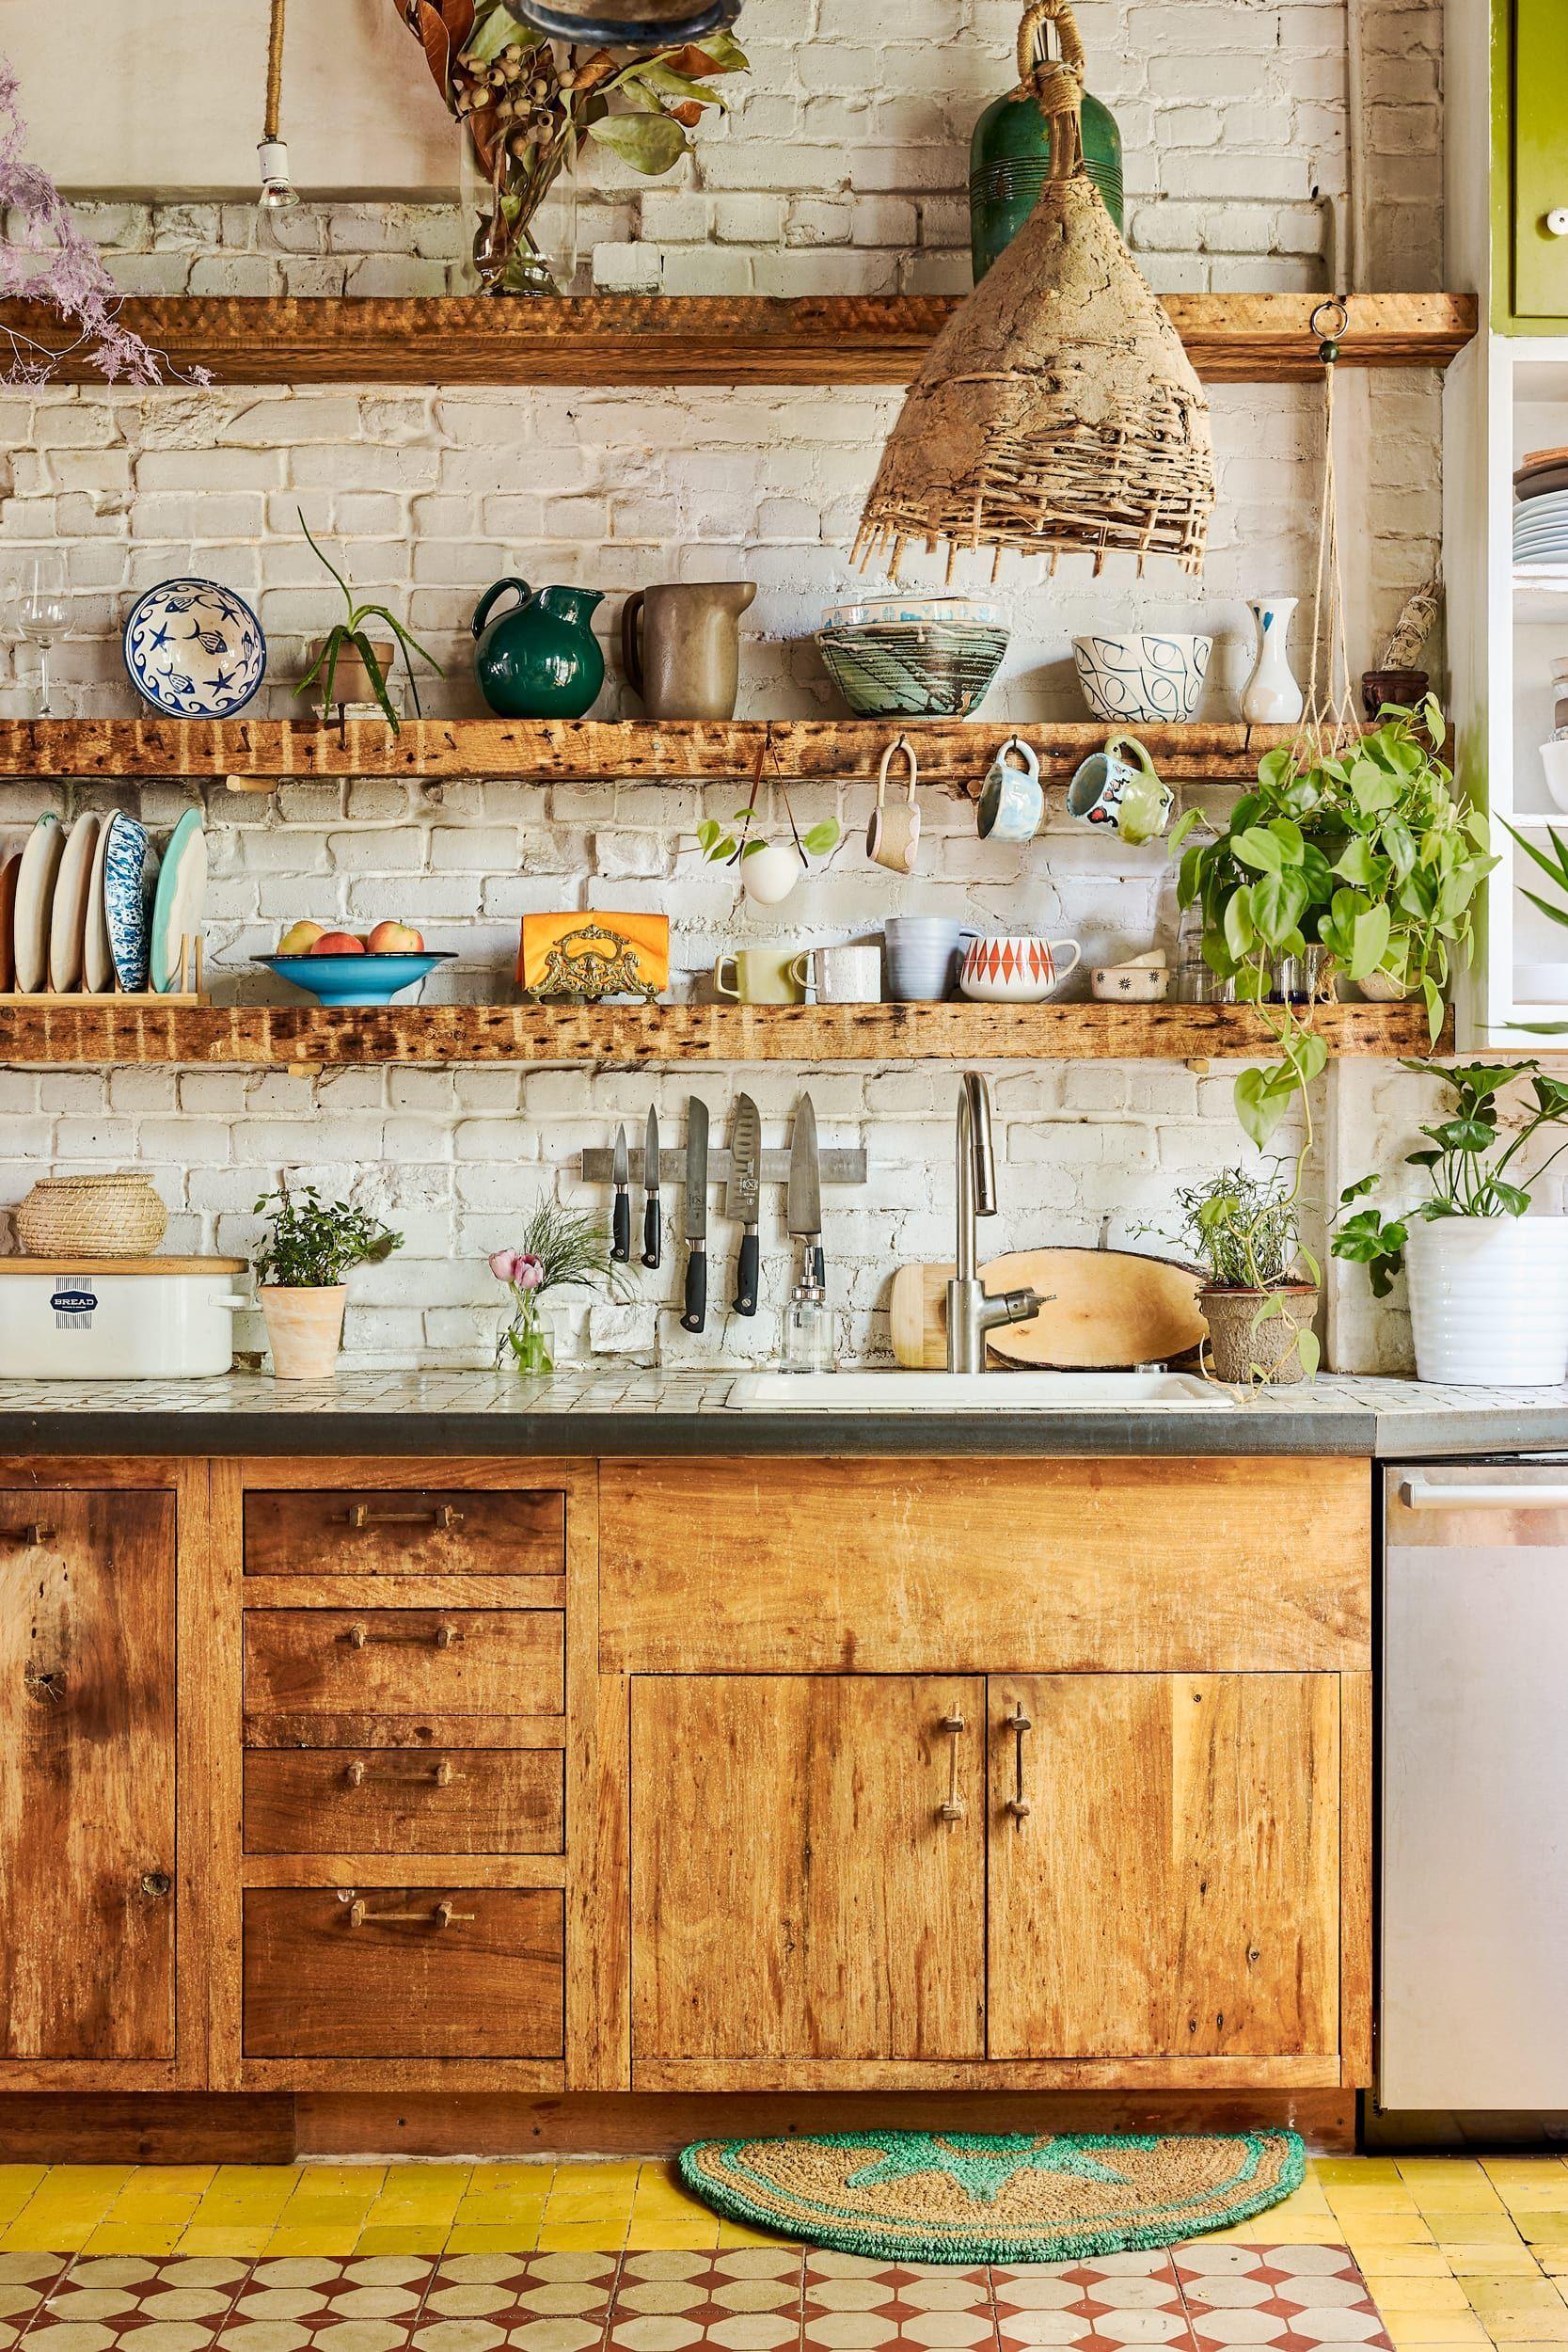 Rústico  Cuisines deco, Cuisines maison, Décoration de cuisine